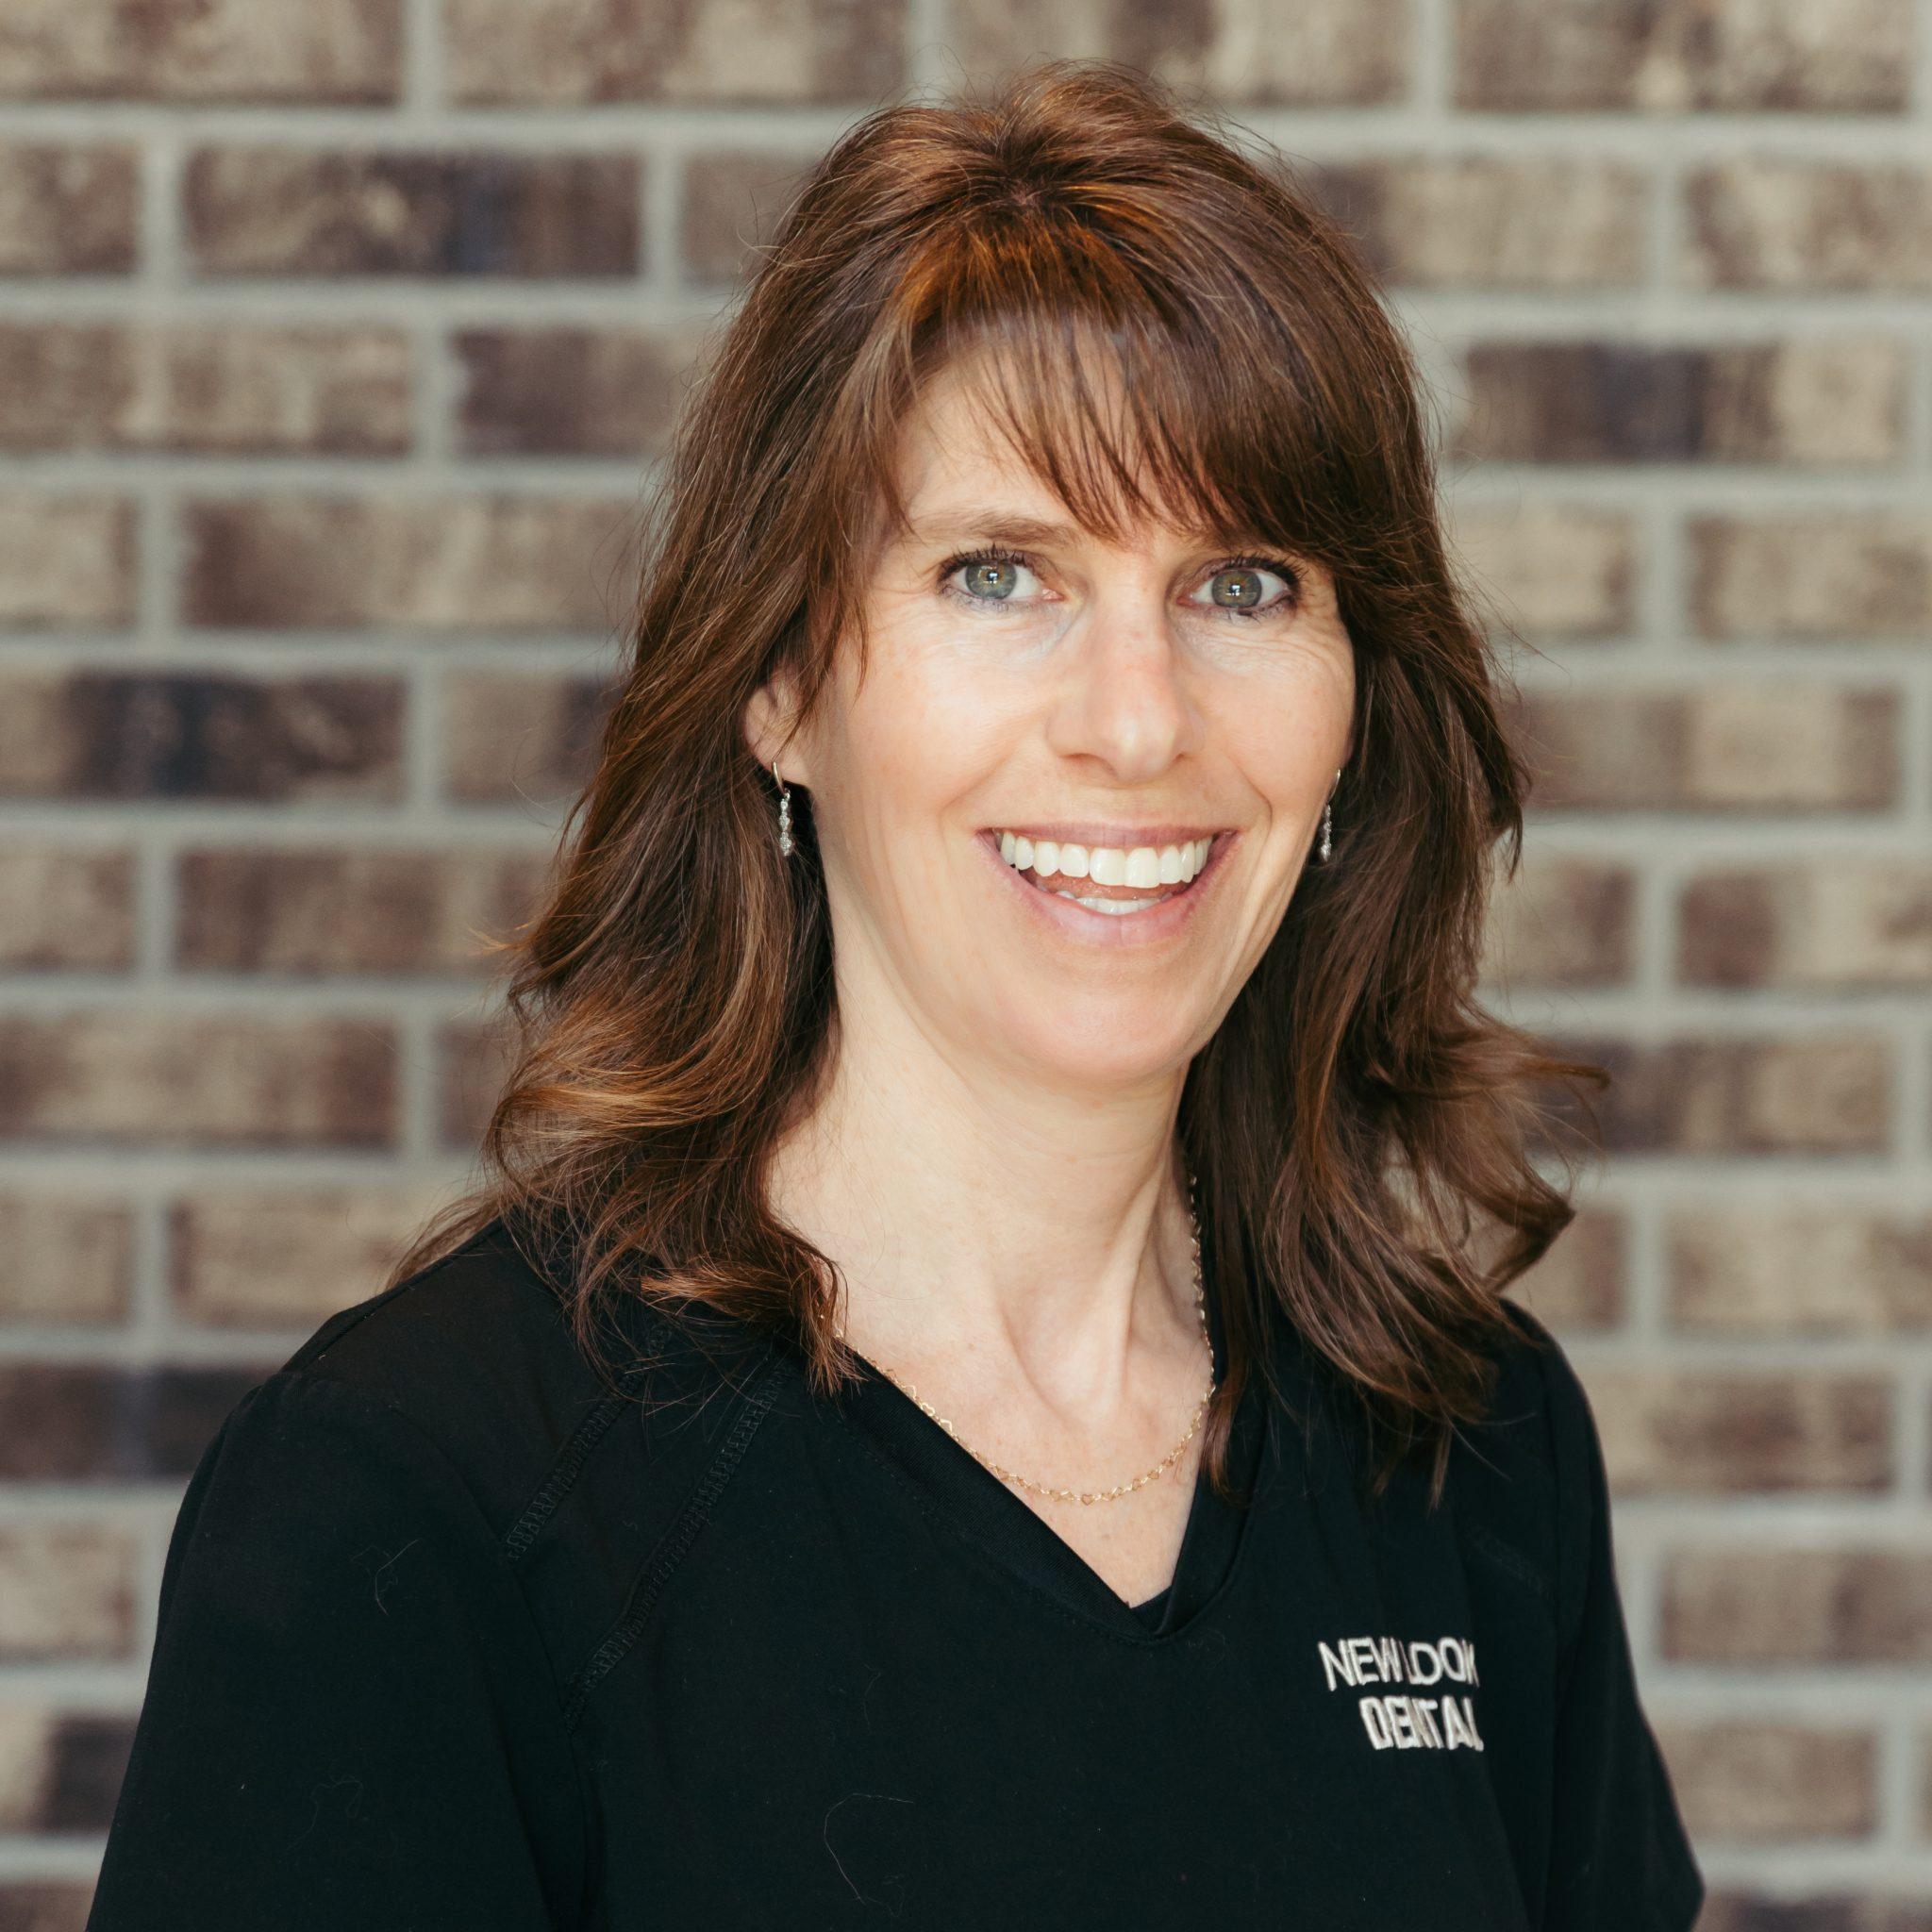 Dentist in West Kelowna | New Look Dental Team Nicole